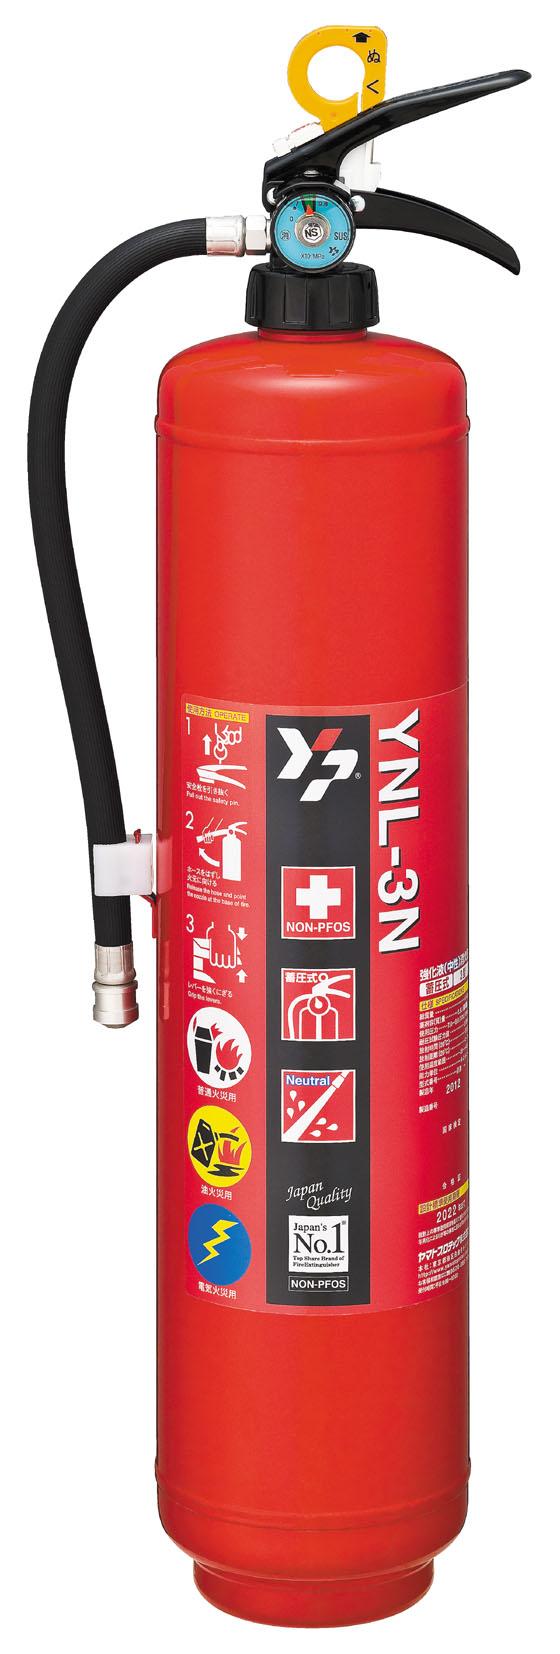 強化液(中性)消火器 YNL-3N